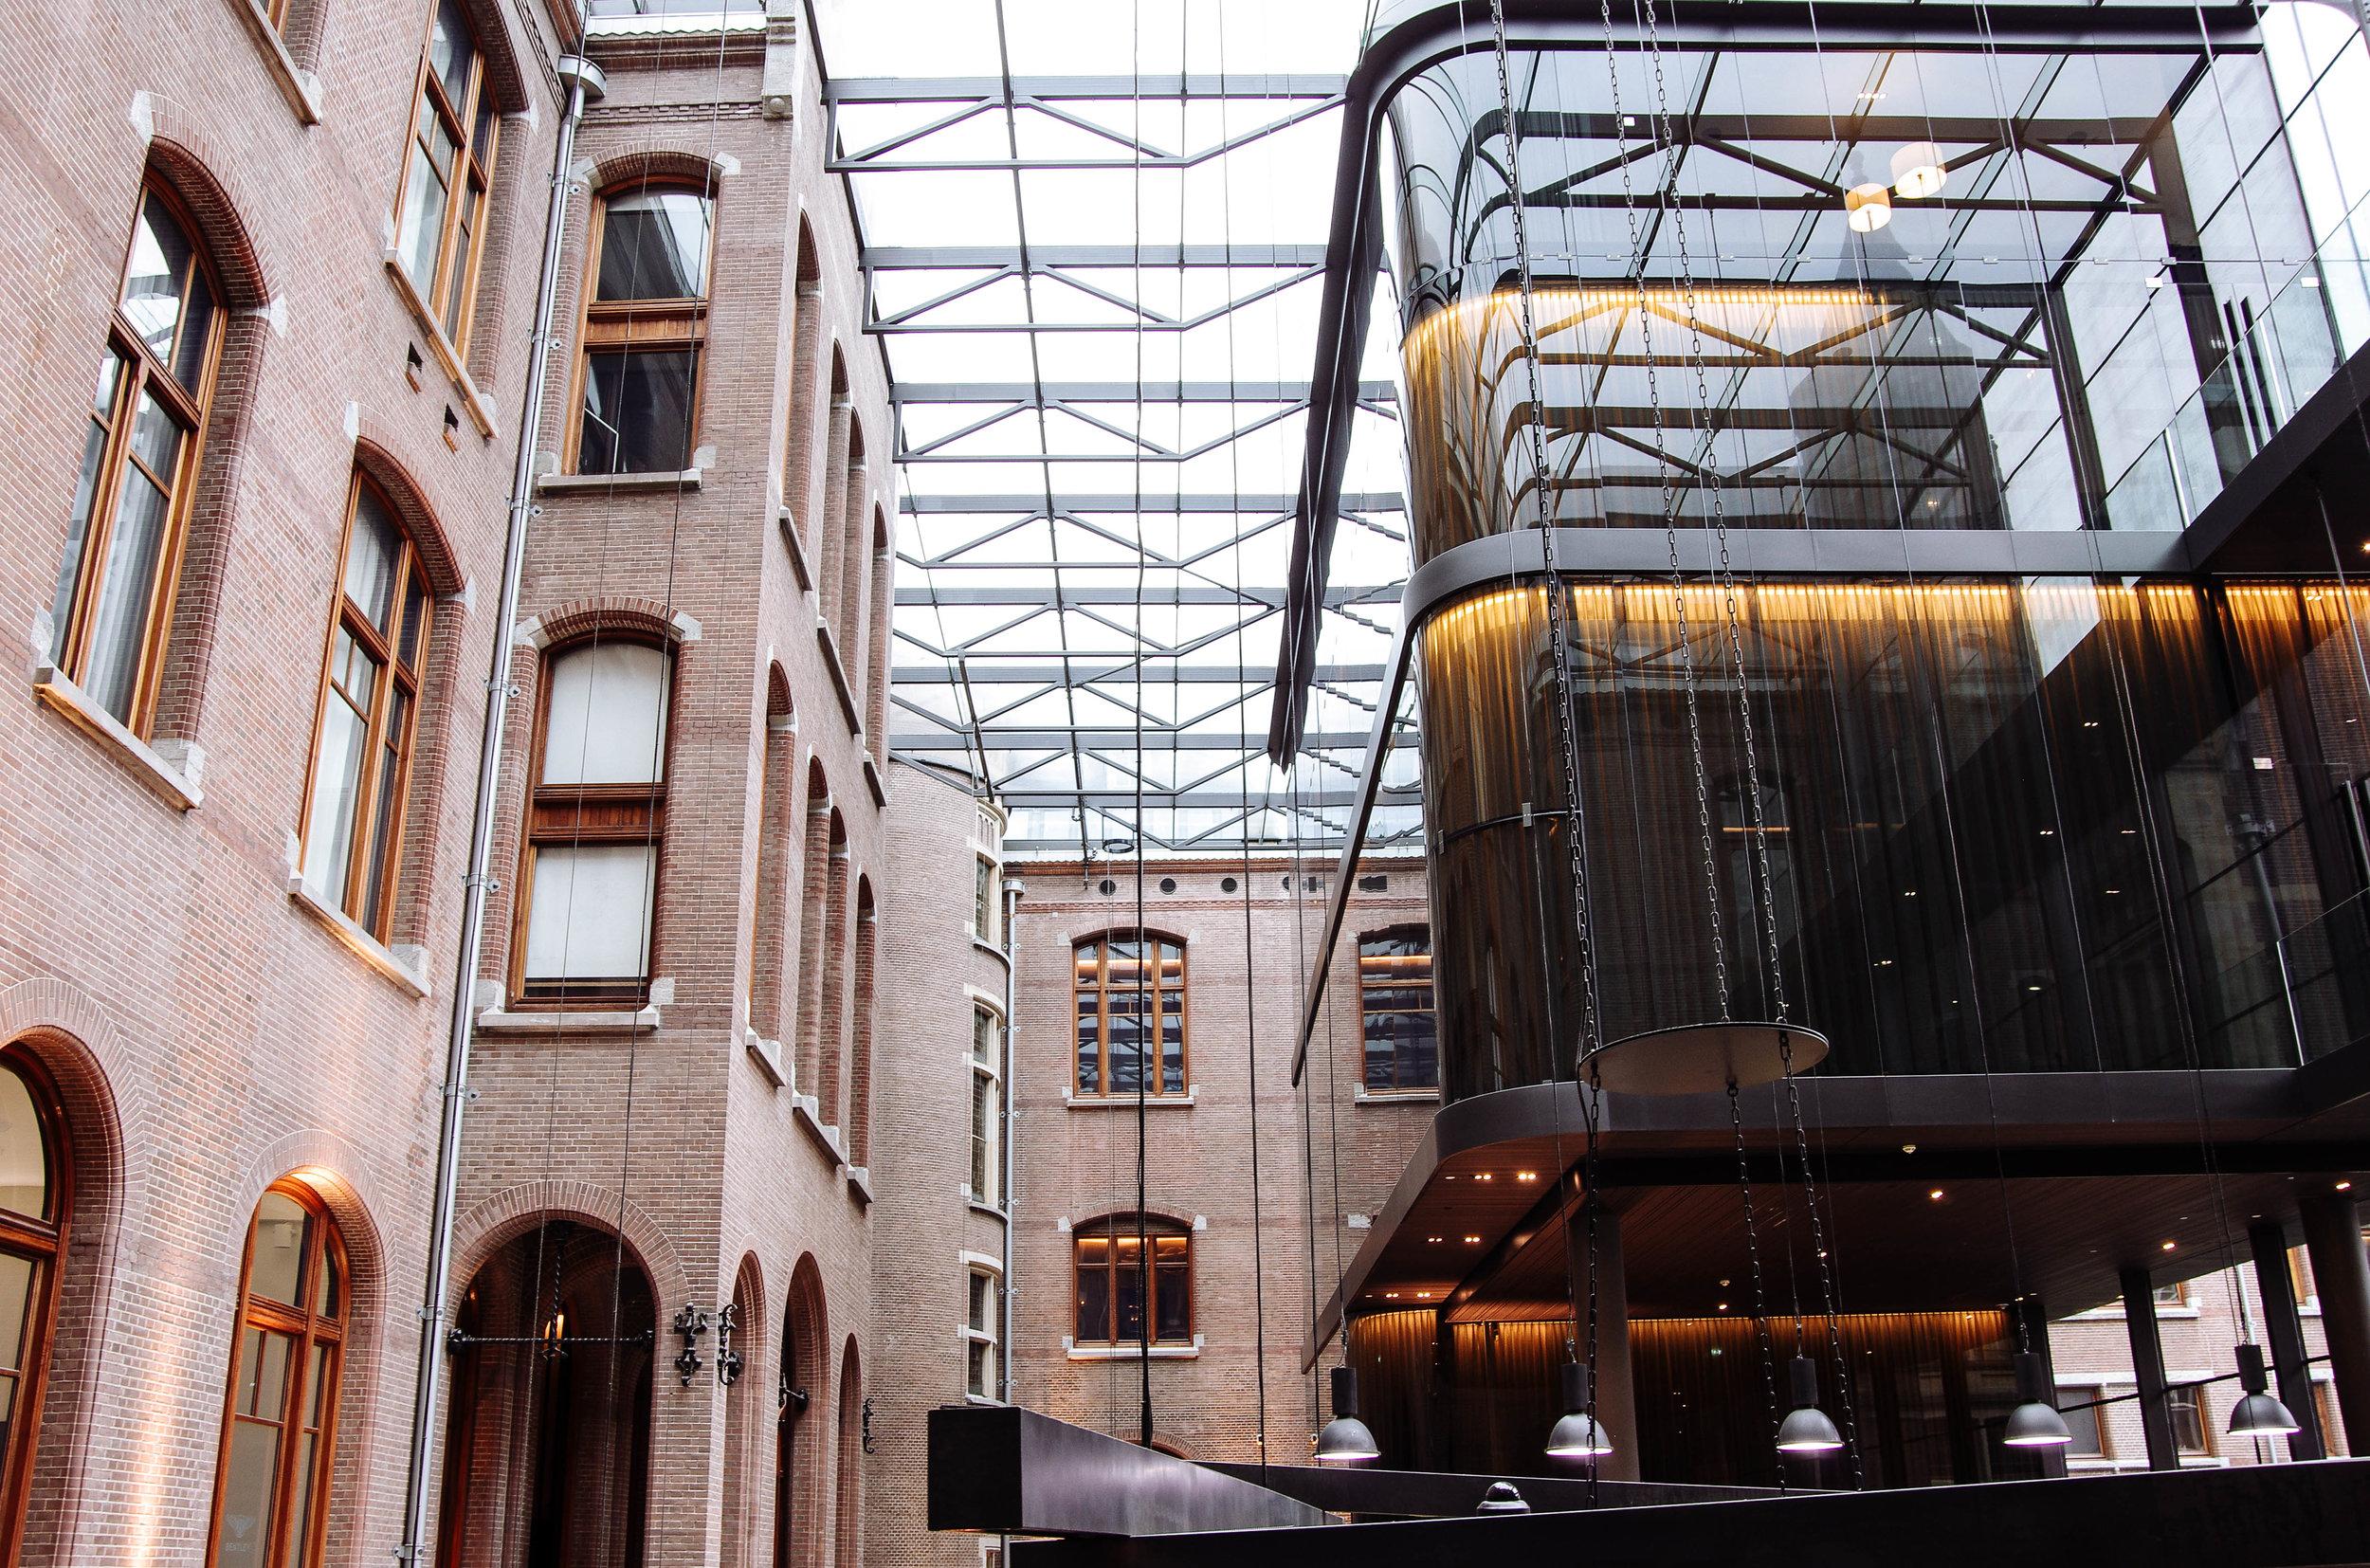 CONSERVATORIUM HOTEL AMSTERDAM - Lobby atrium.jpg